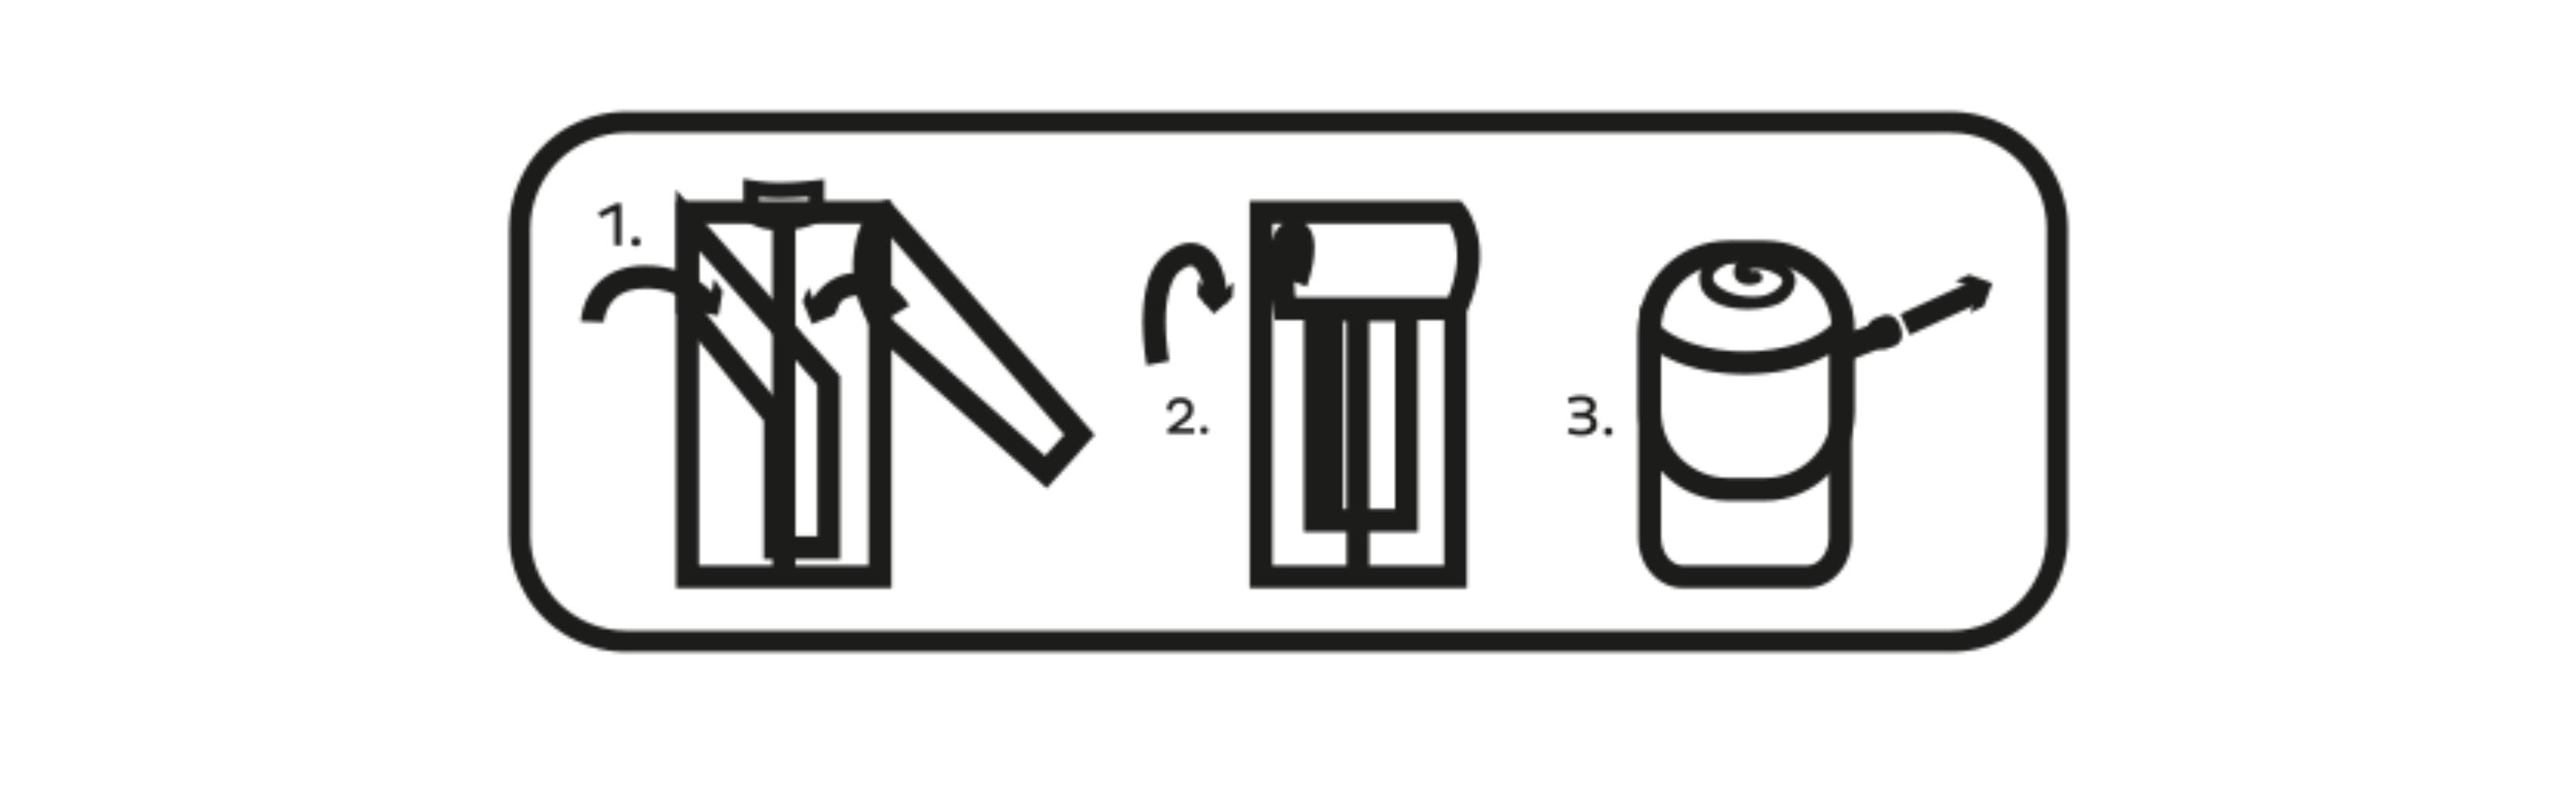 Pocketable icons